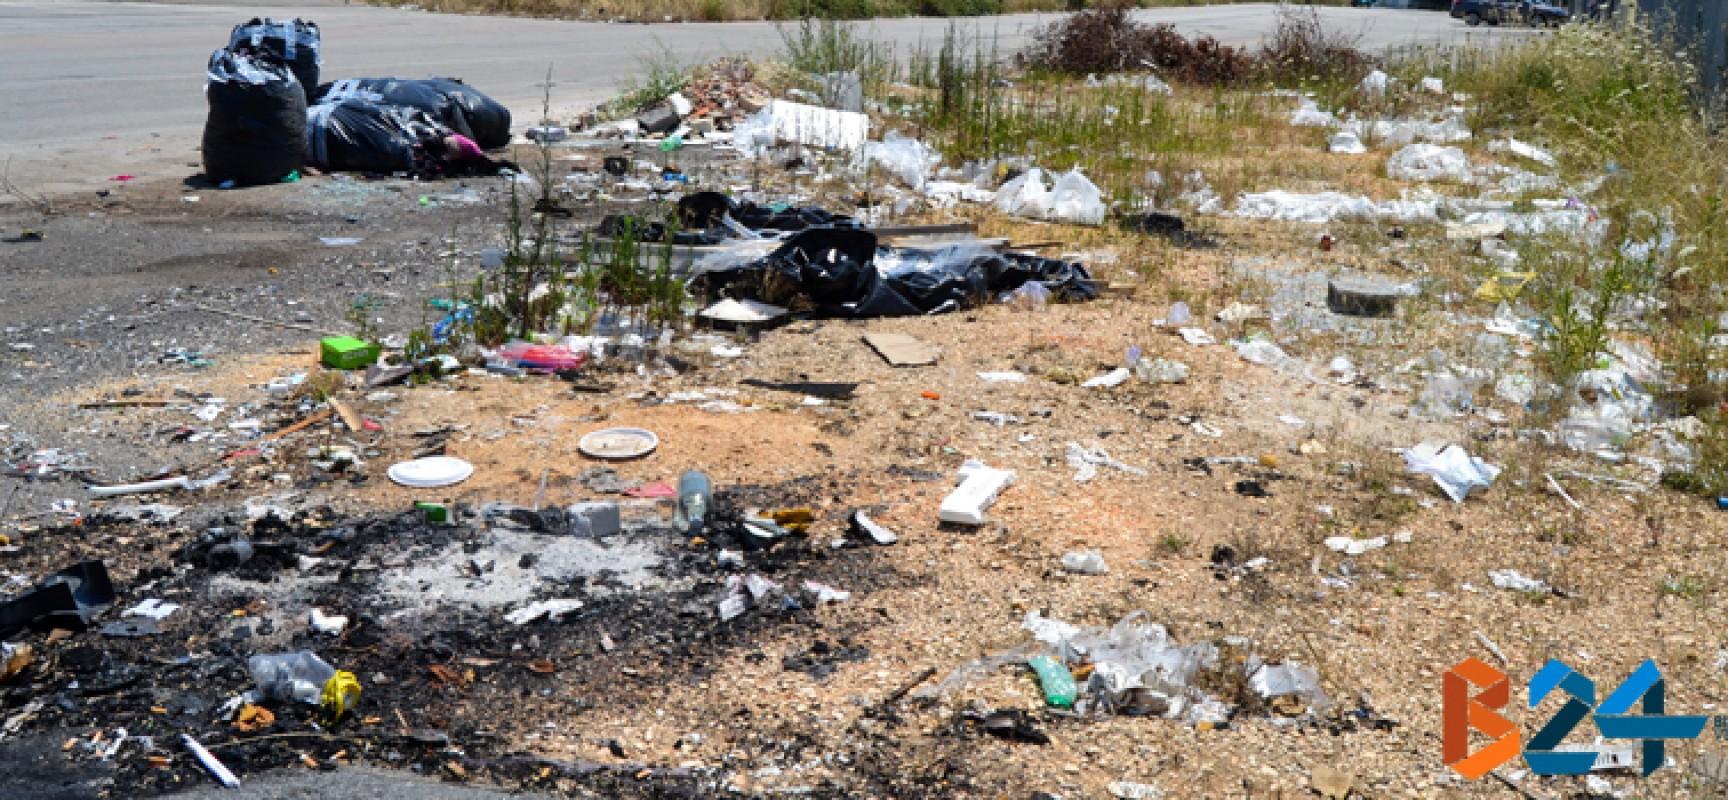 Zona artigianale ovest sommersa dai rifiuti: cassonetti largamente insufficienti / FOTO